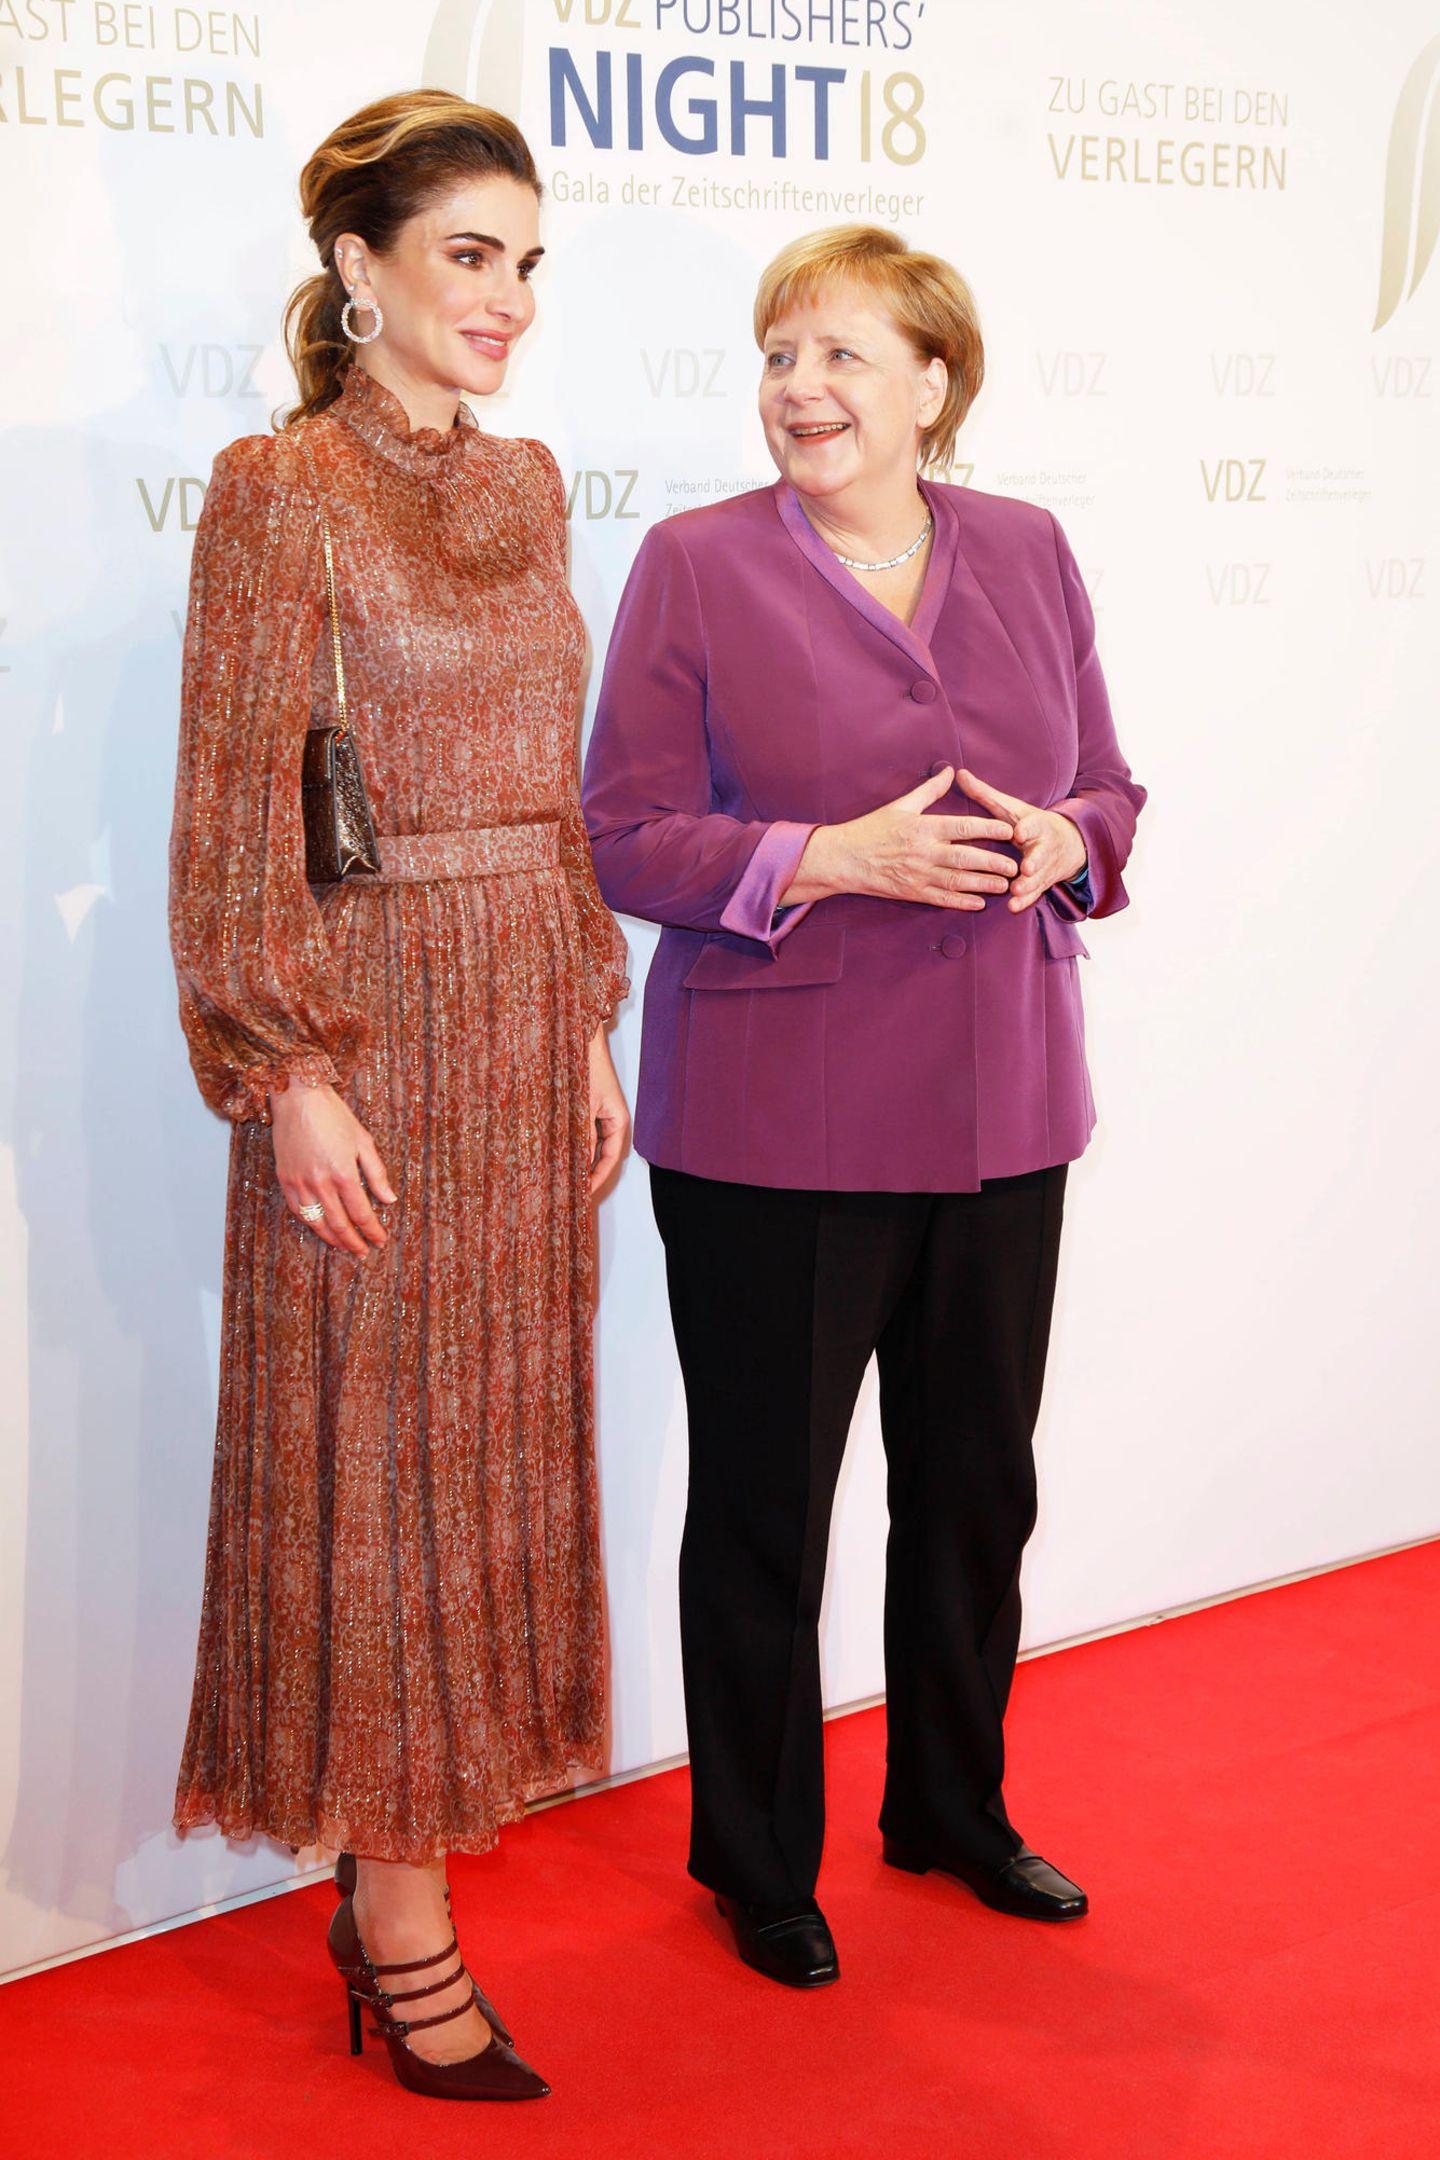 Beide Powerfrauen strahlen auf dem Red Carpet in der deutschen Hauptstadt.